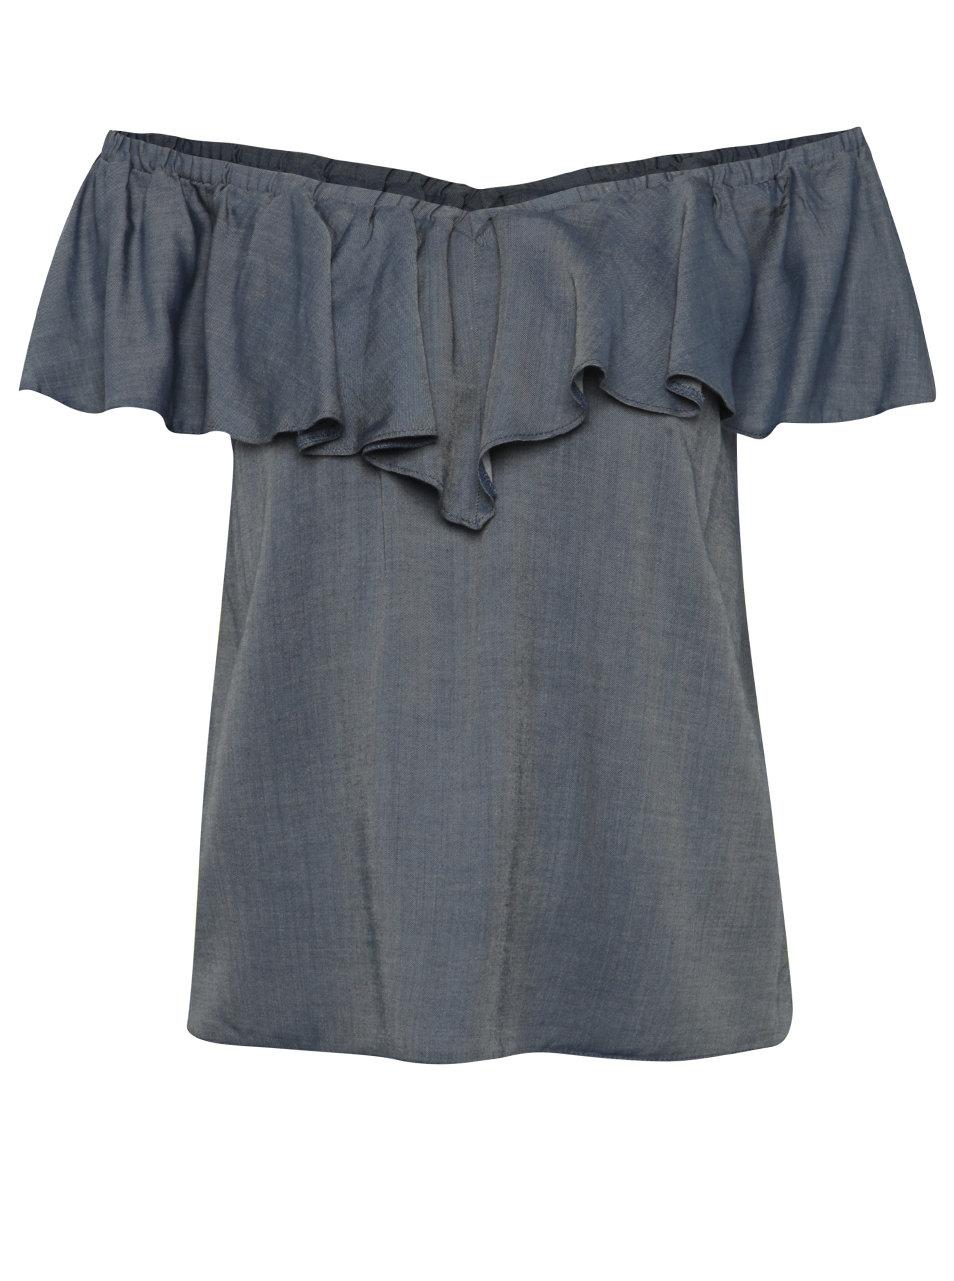 Modrá džínová halenka s odhalenými rameny Miss Selfridge ... 9b4132c836